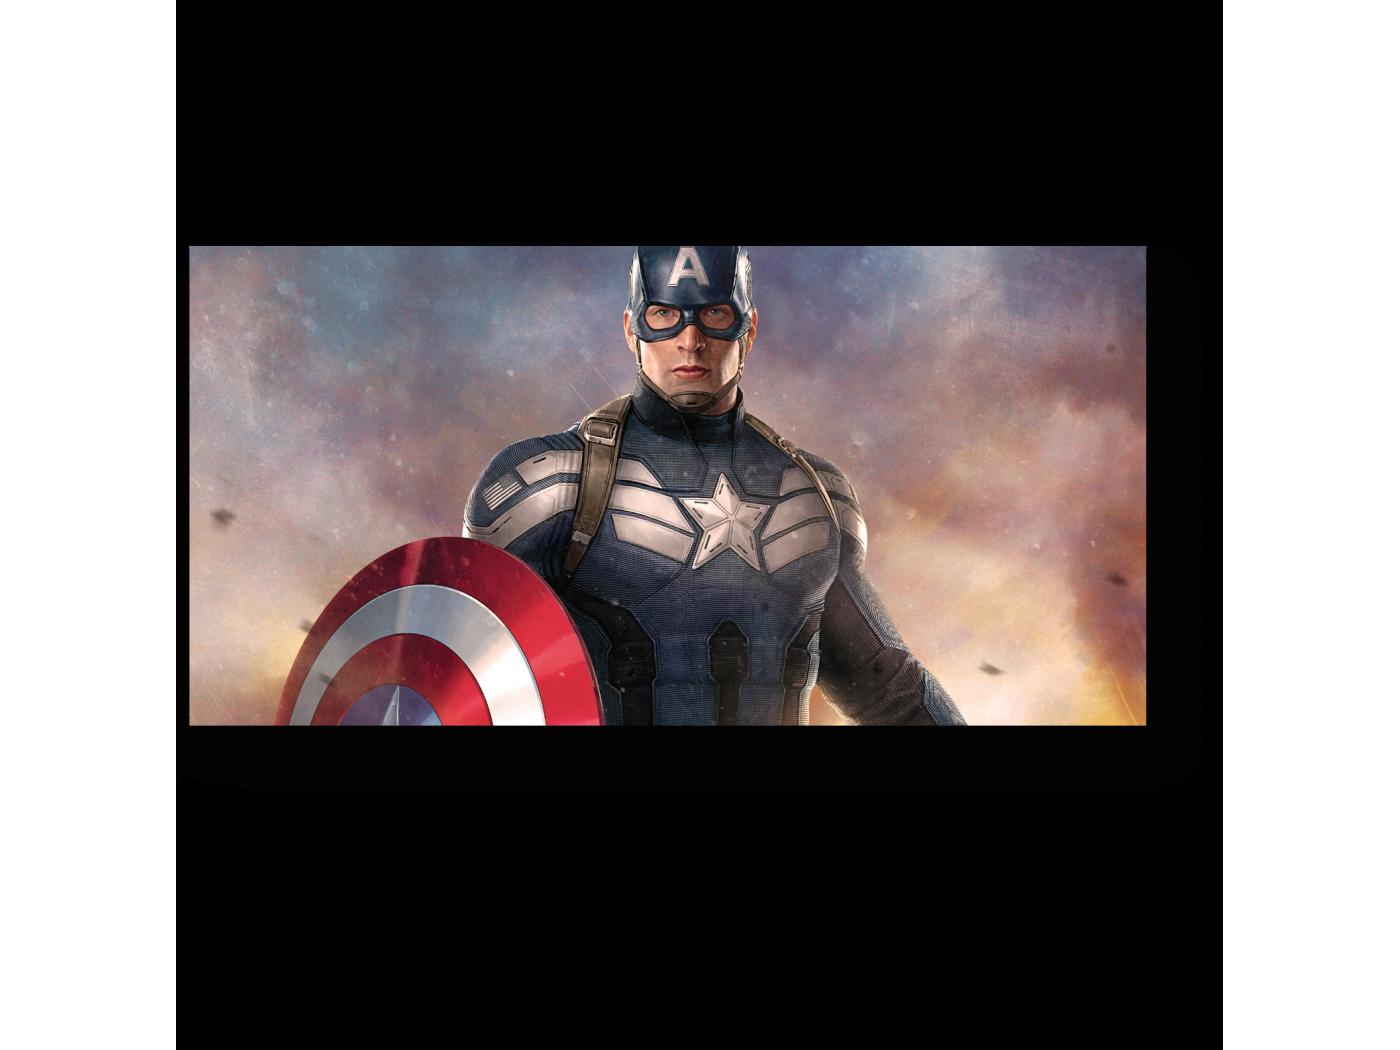 Открытка с капитаном америкой